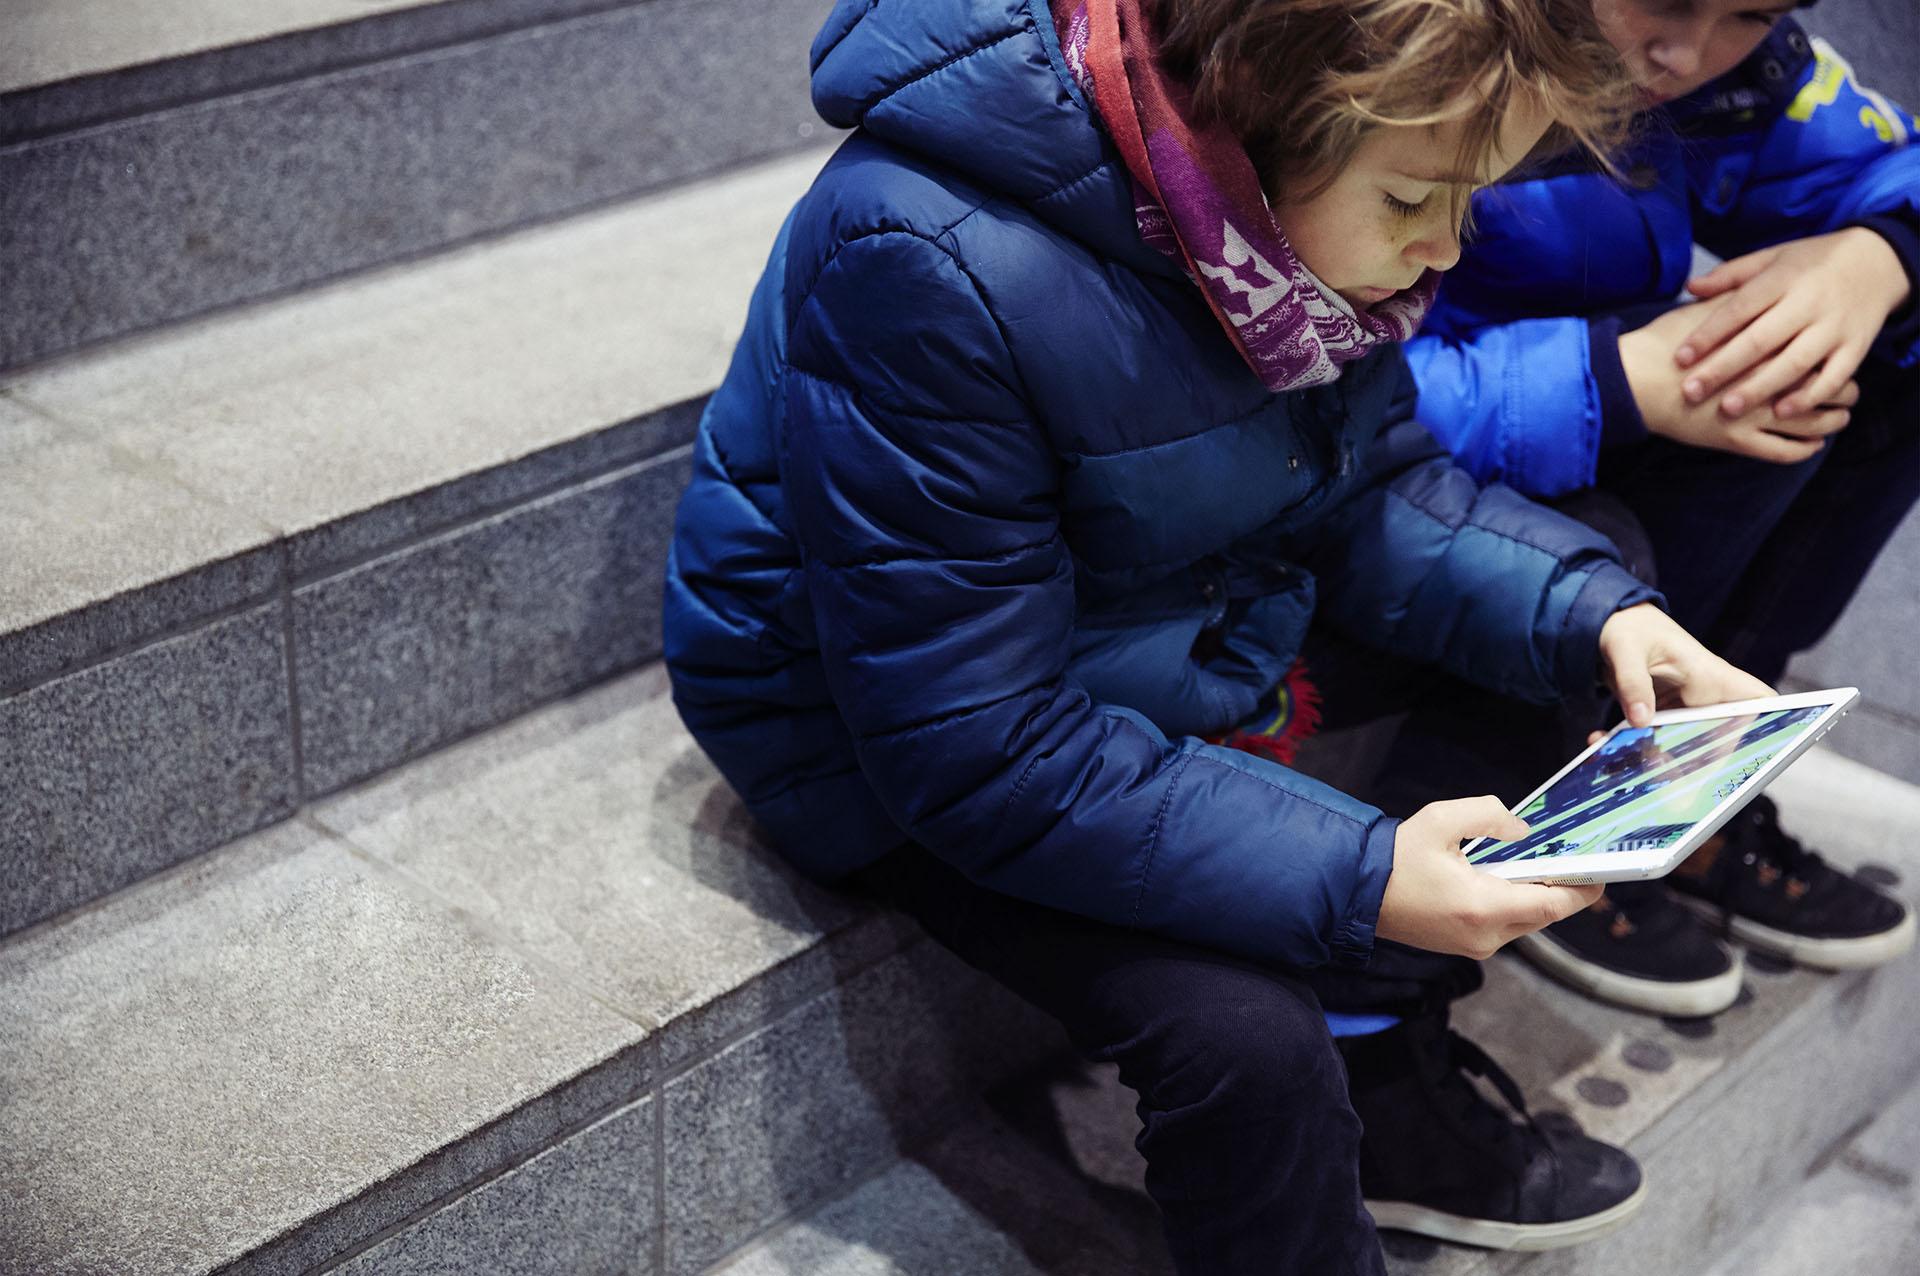 Børn bruger skærme på nye måder